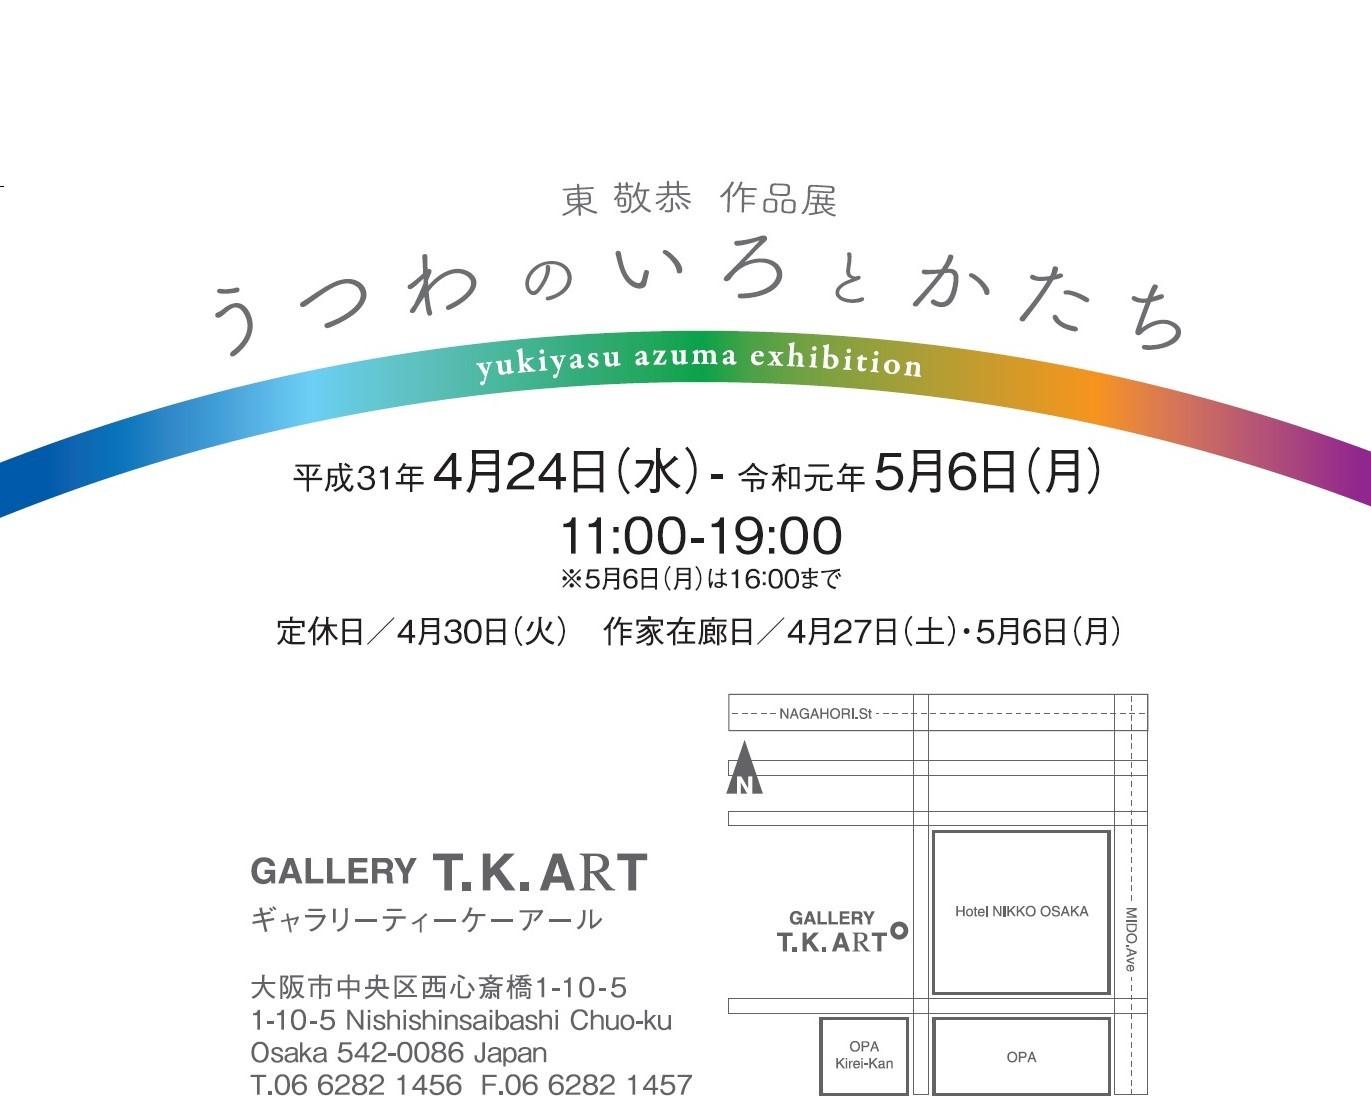 大阪 「T.K.ART」での個展のお知らせ_c0212902_16035759.jpg